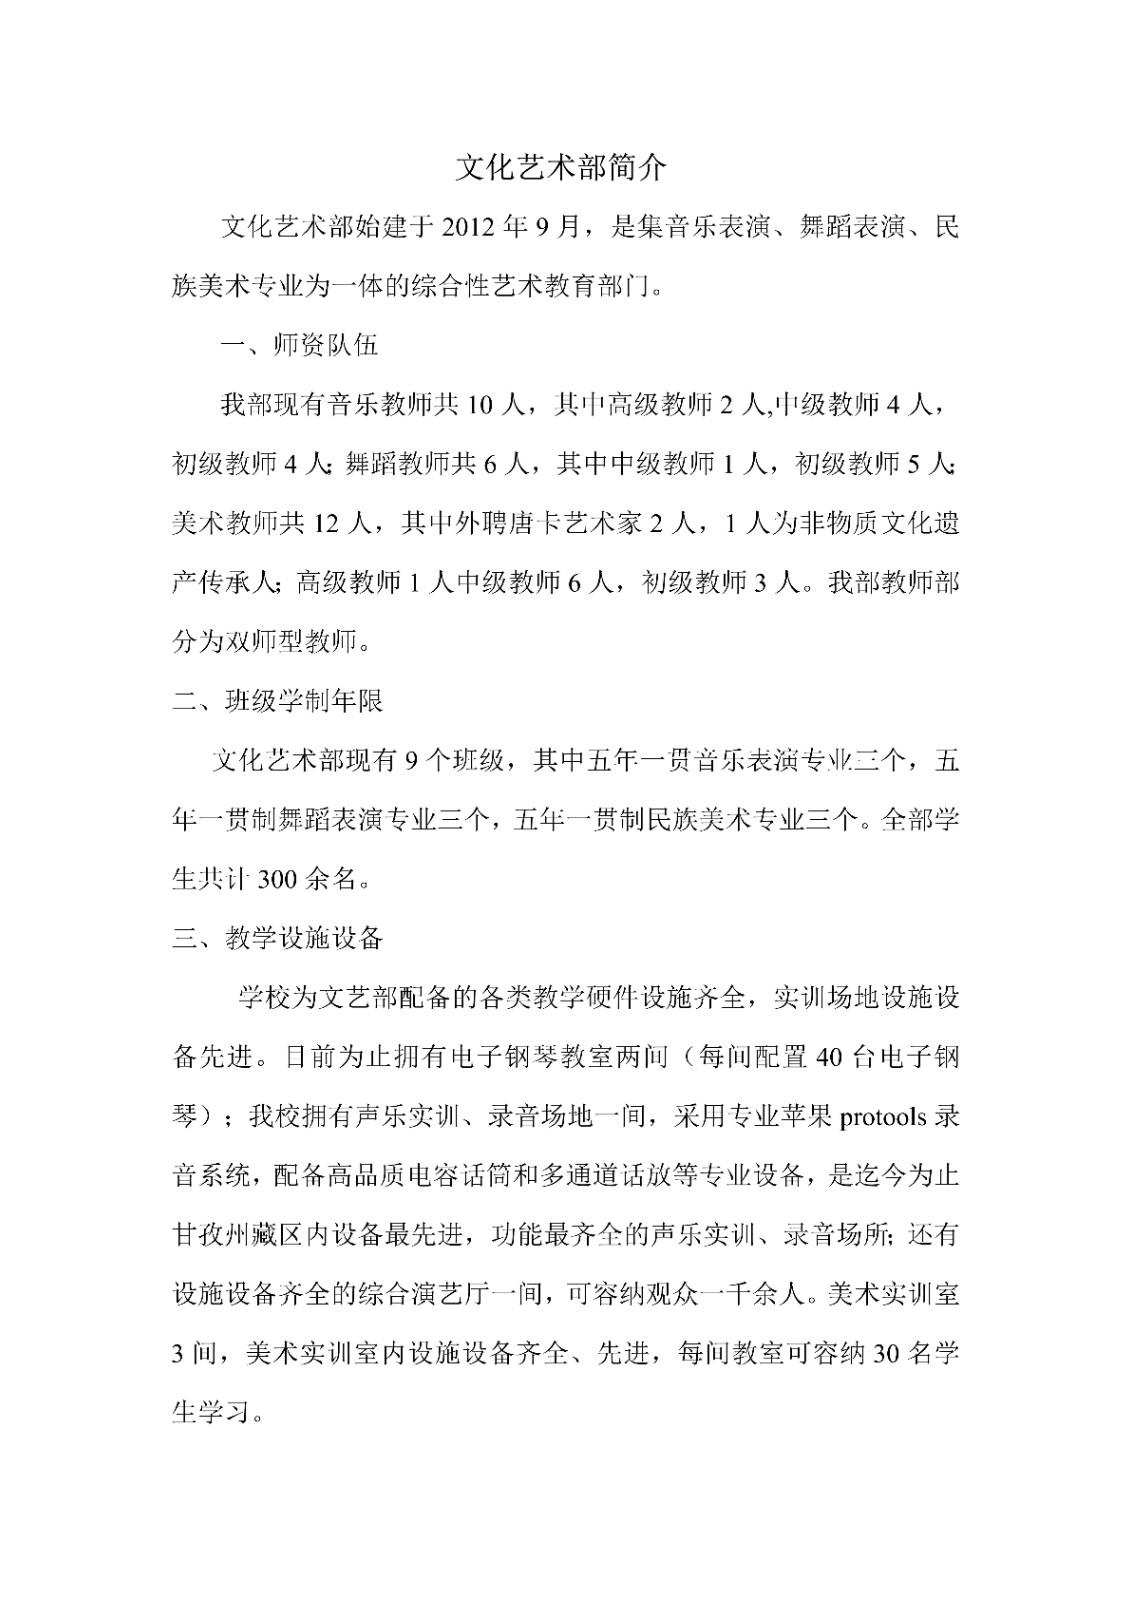 文艺部简介修改版_1.jpg